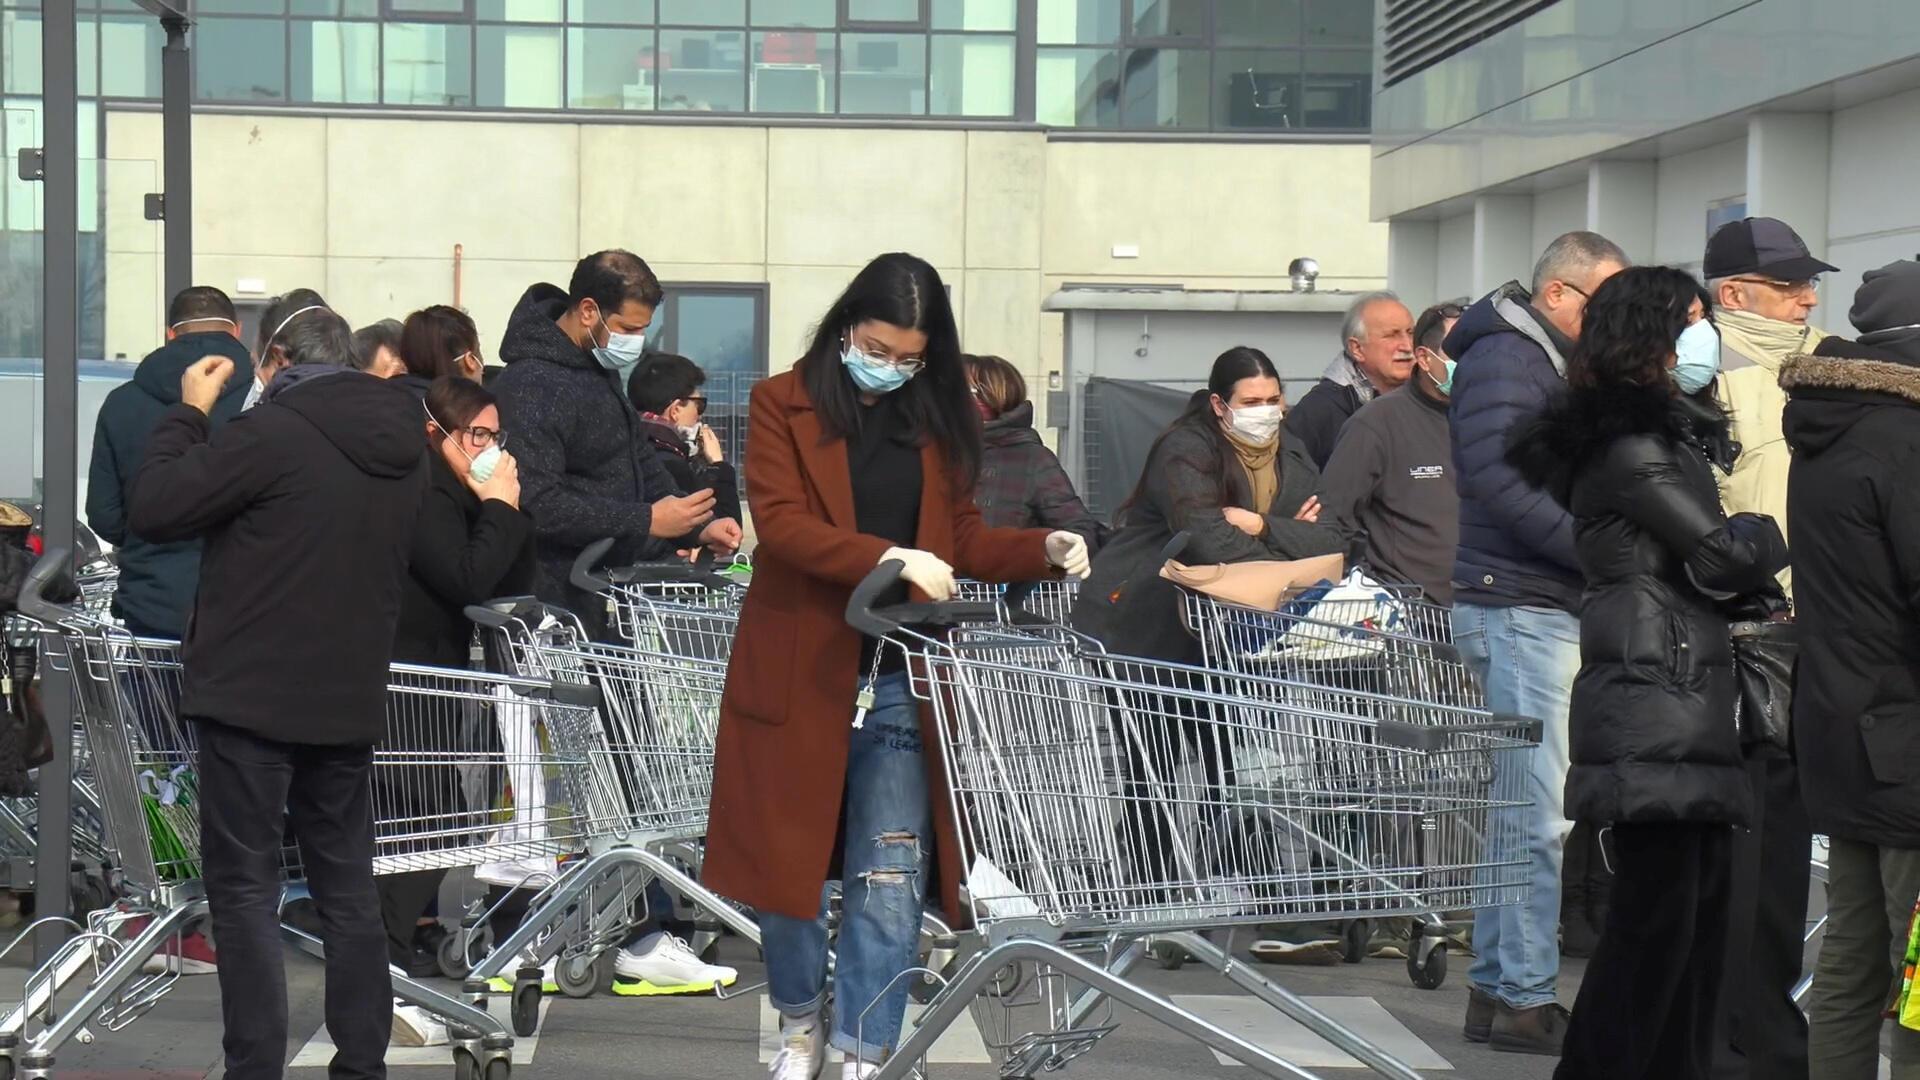 Des Italiens portent des masques de protections à l'entrée d'un supermarché fermé de Casalpusterlengo le 23 février 2020.